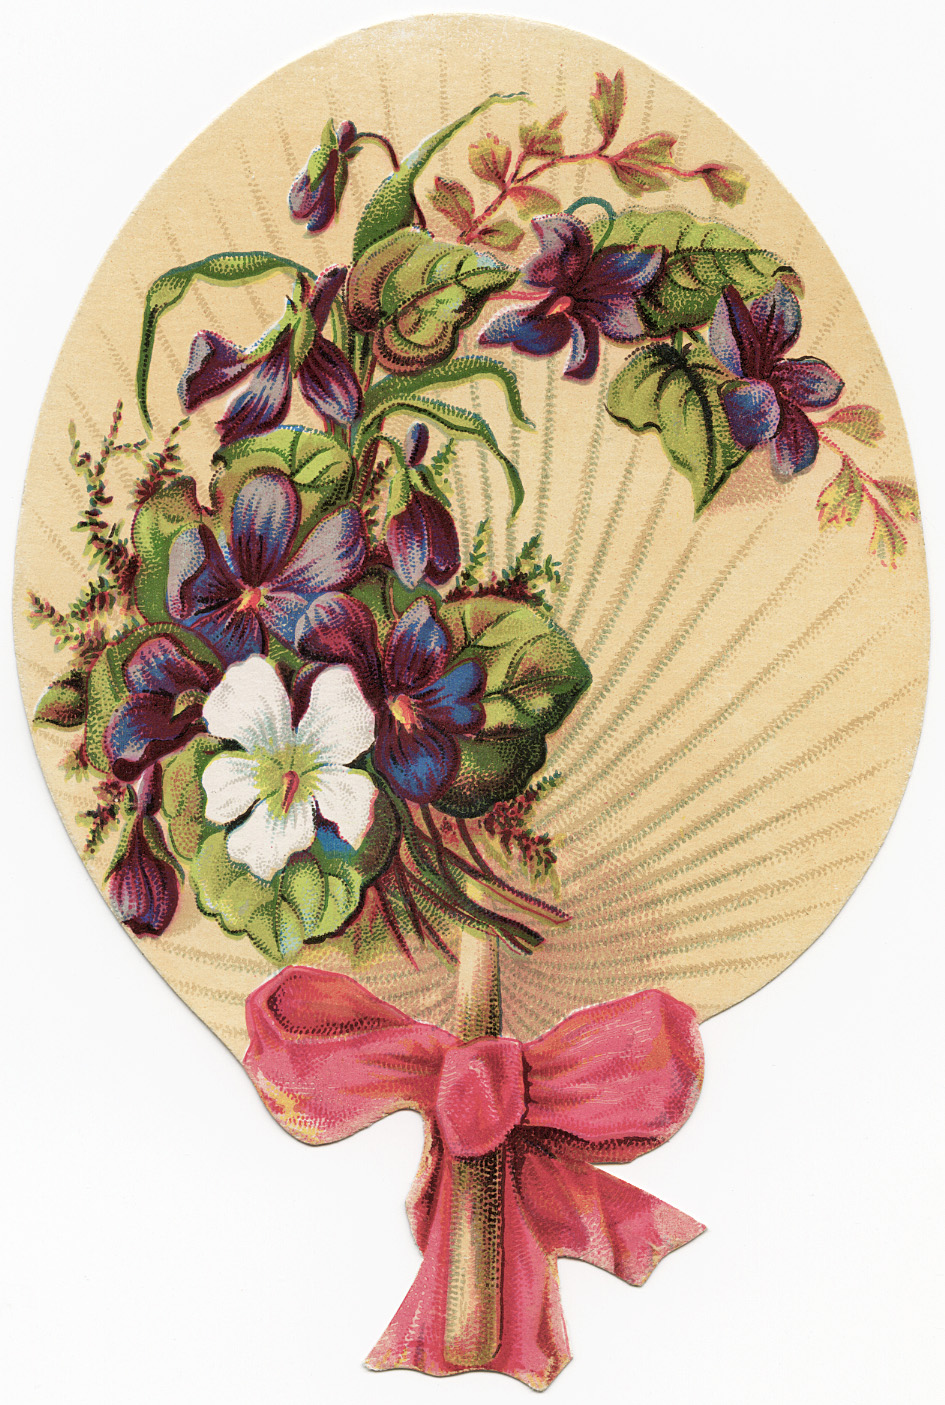 Clip Art Free Vintage Image Floral Vase Vase Engraving Victorian